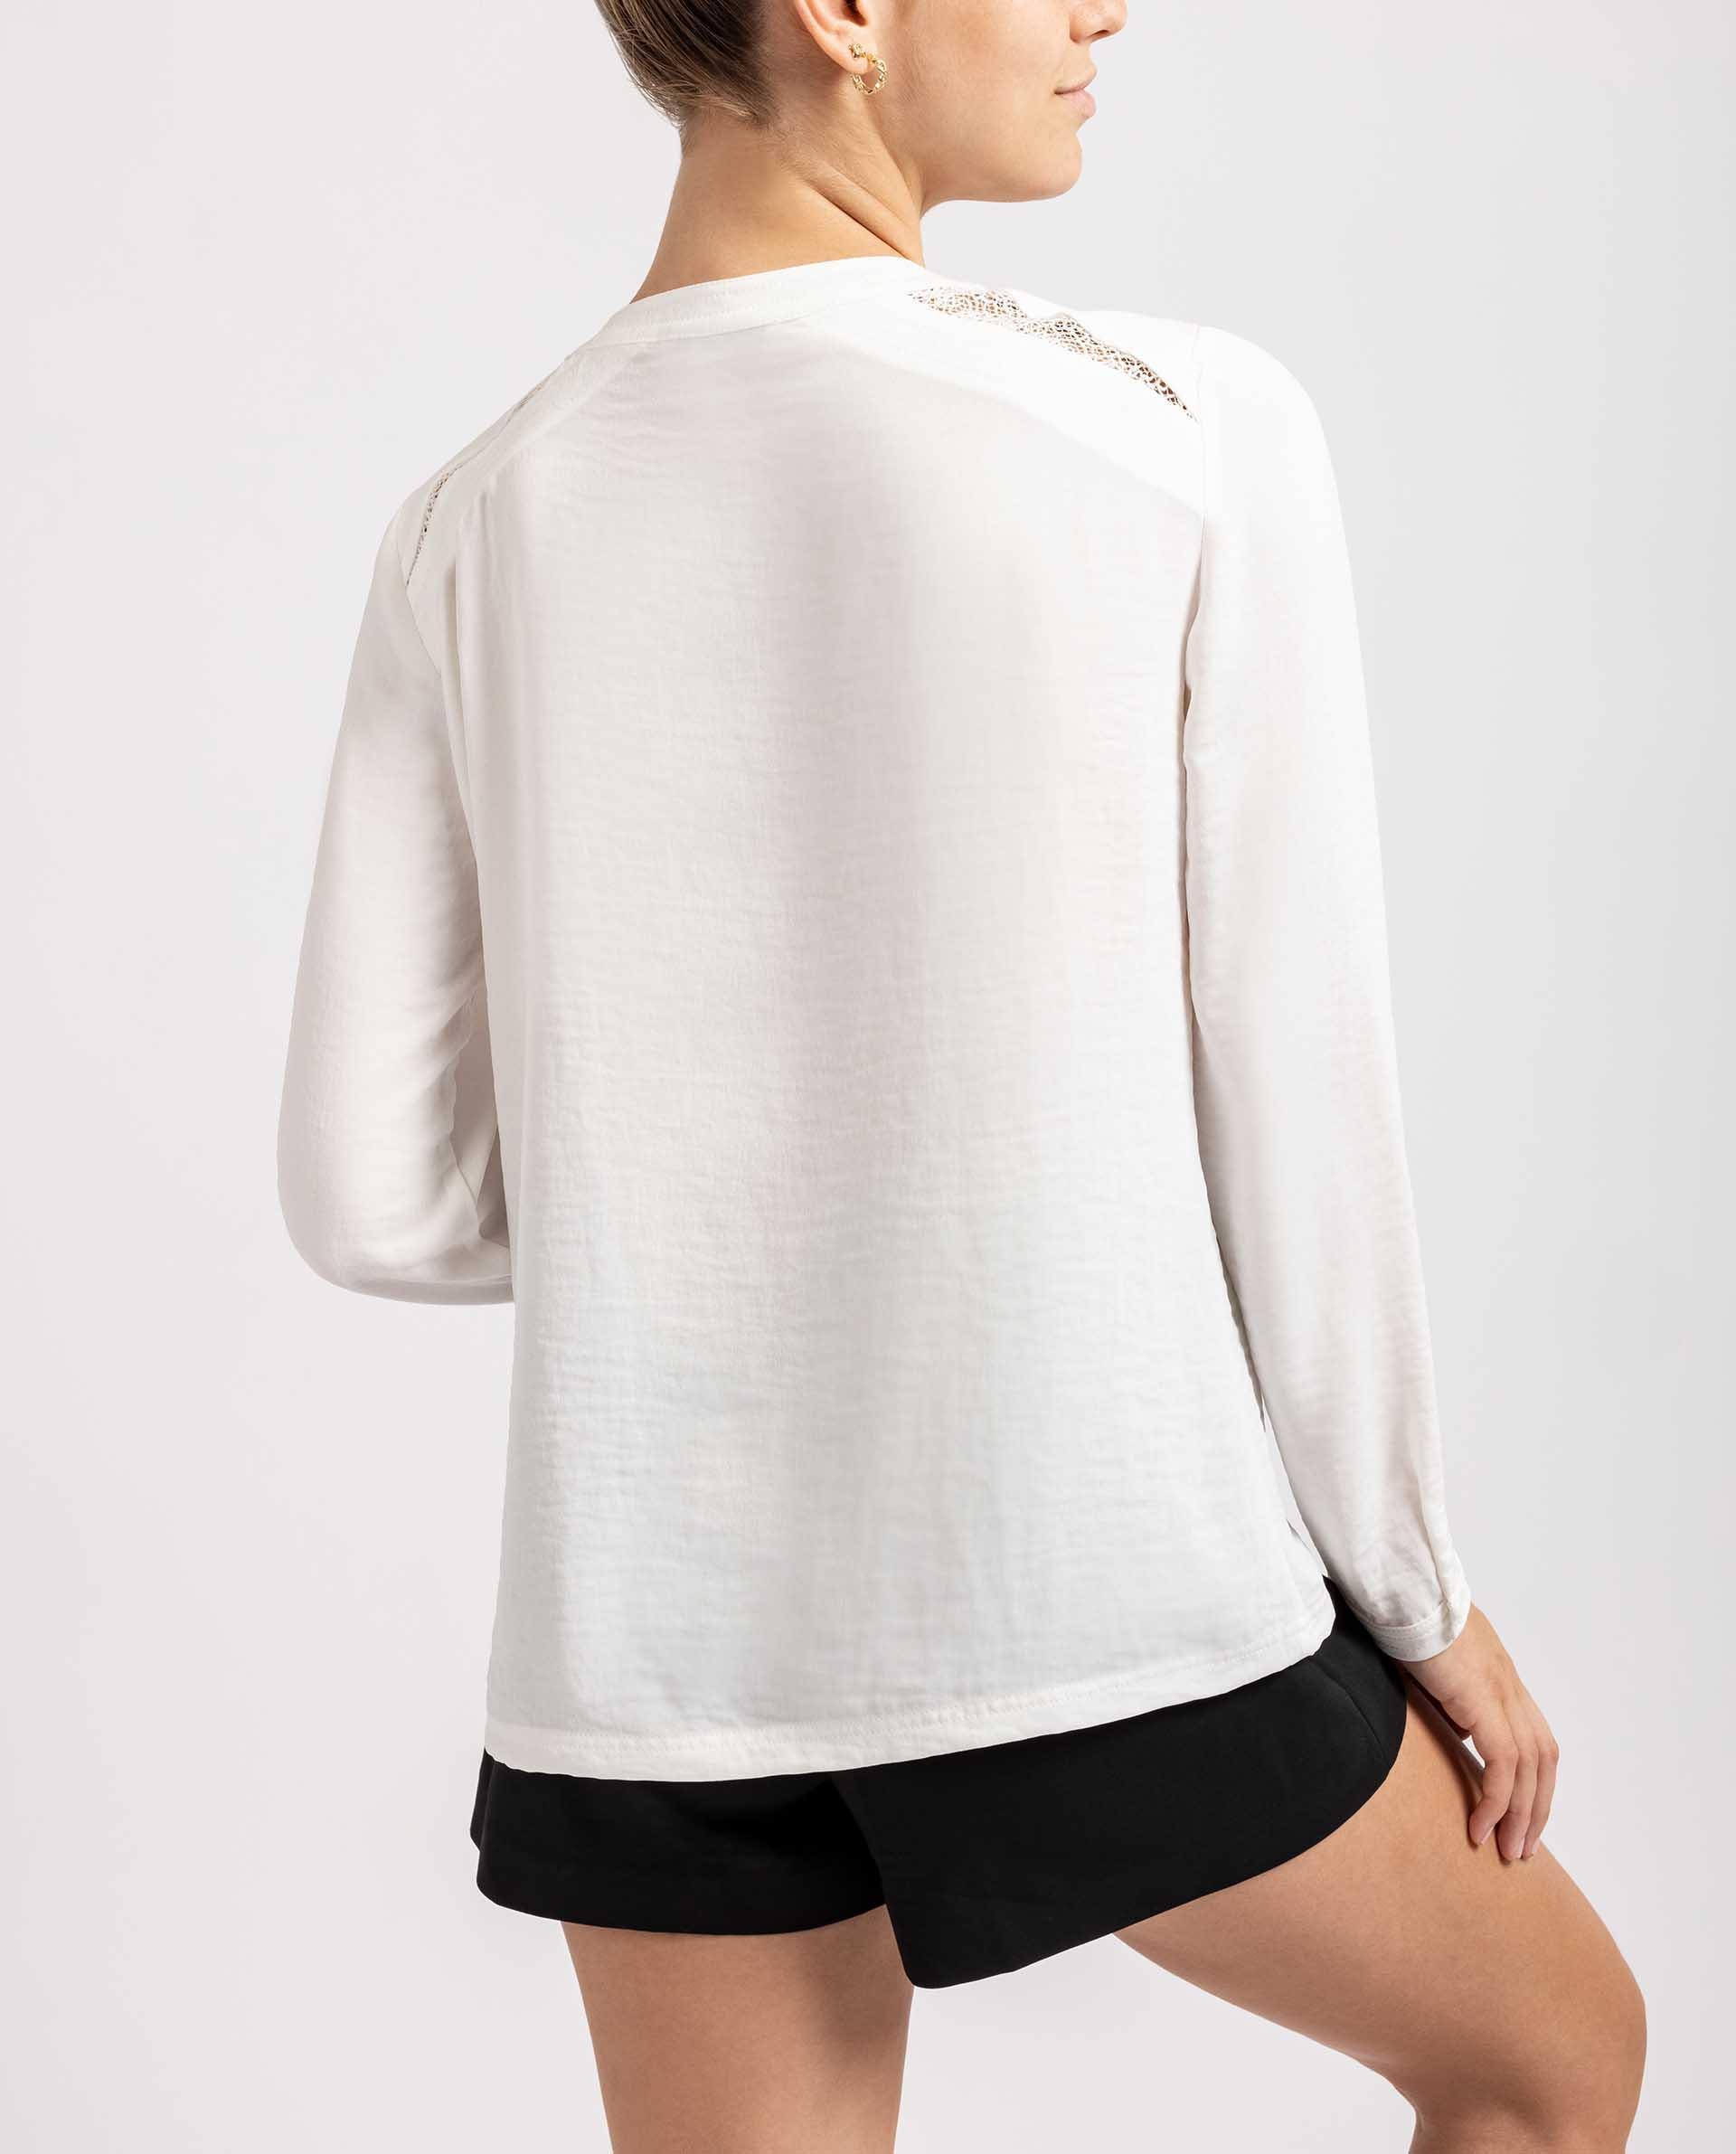 UNISA Bluse mit  V-AusschnittBluse mit  V-Ausschnitt R_ELODIA 5